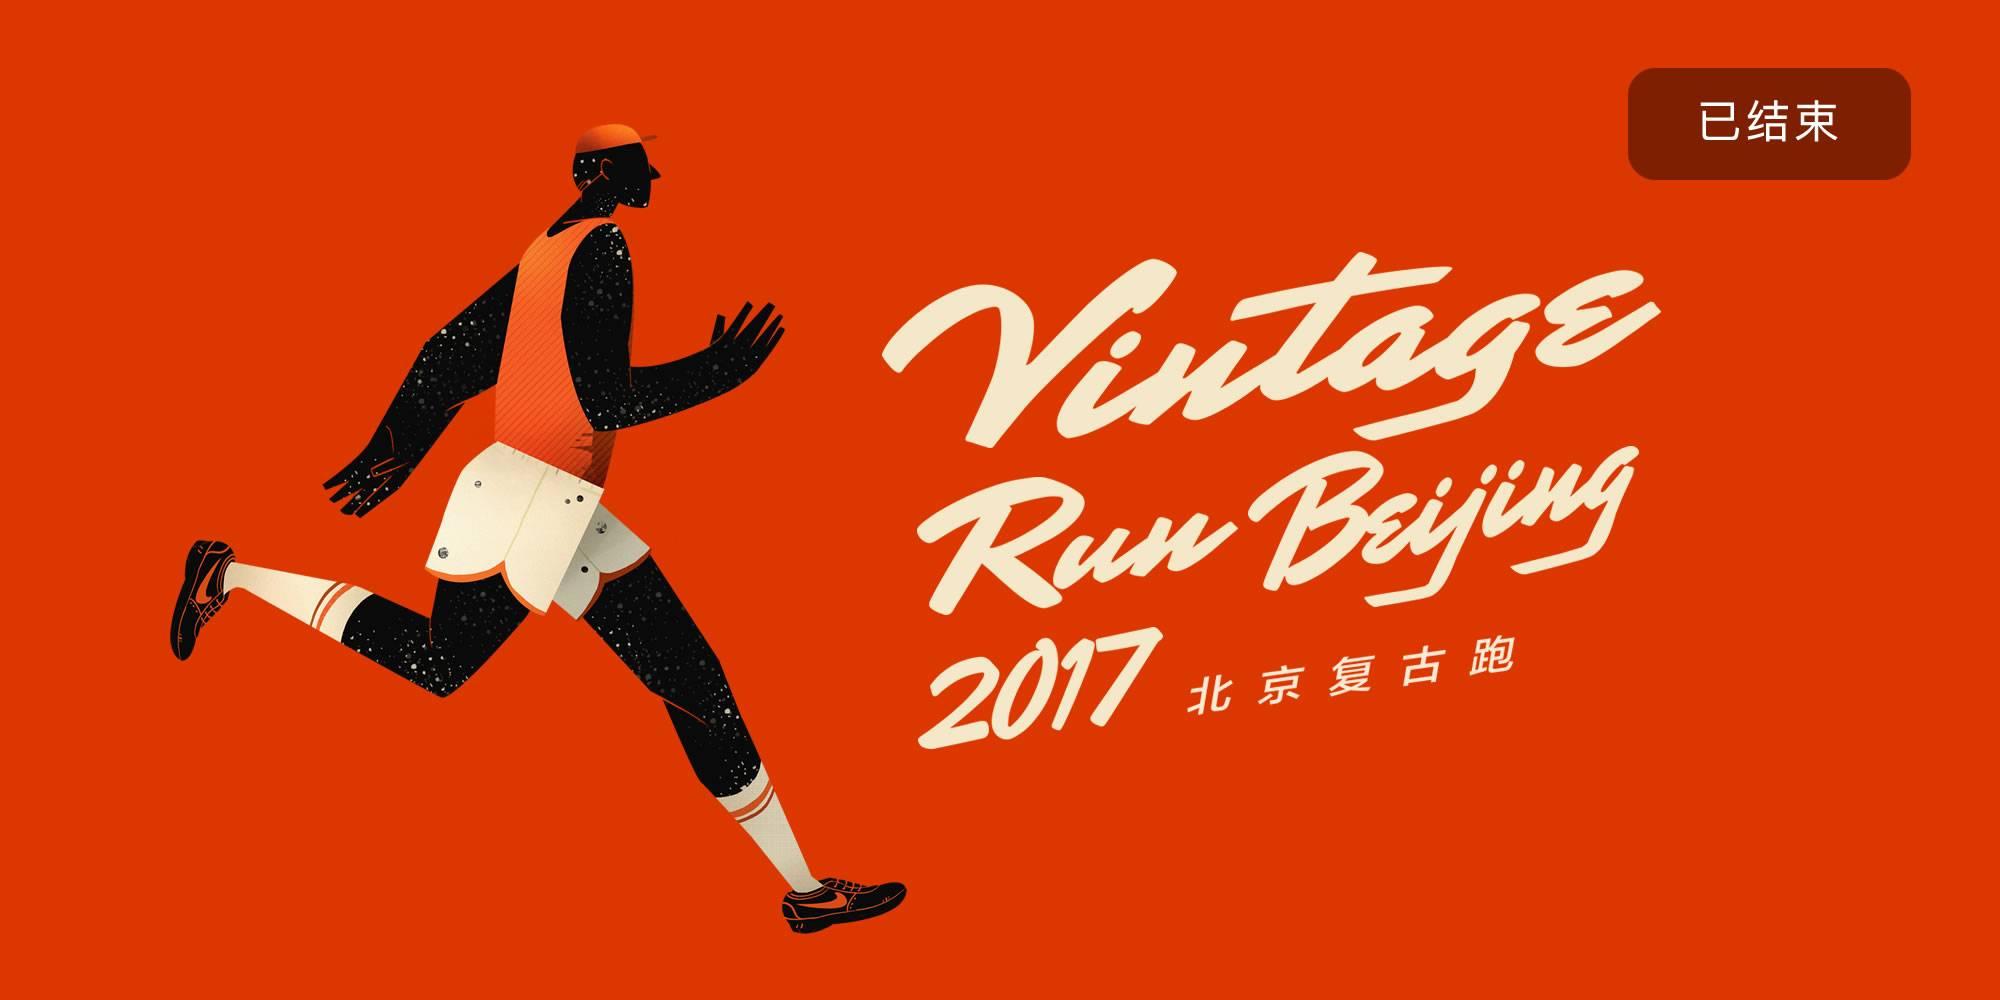 北京复古跑高清实录:错过报名的肯定后悔了吧!